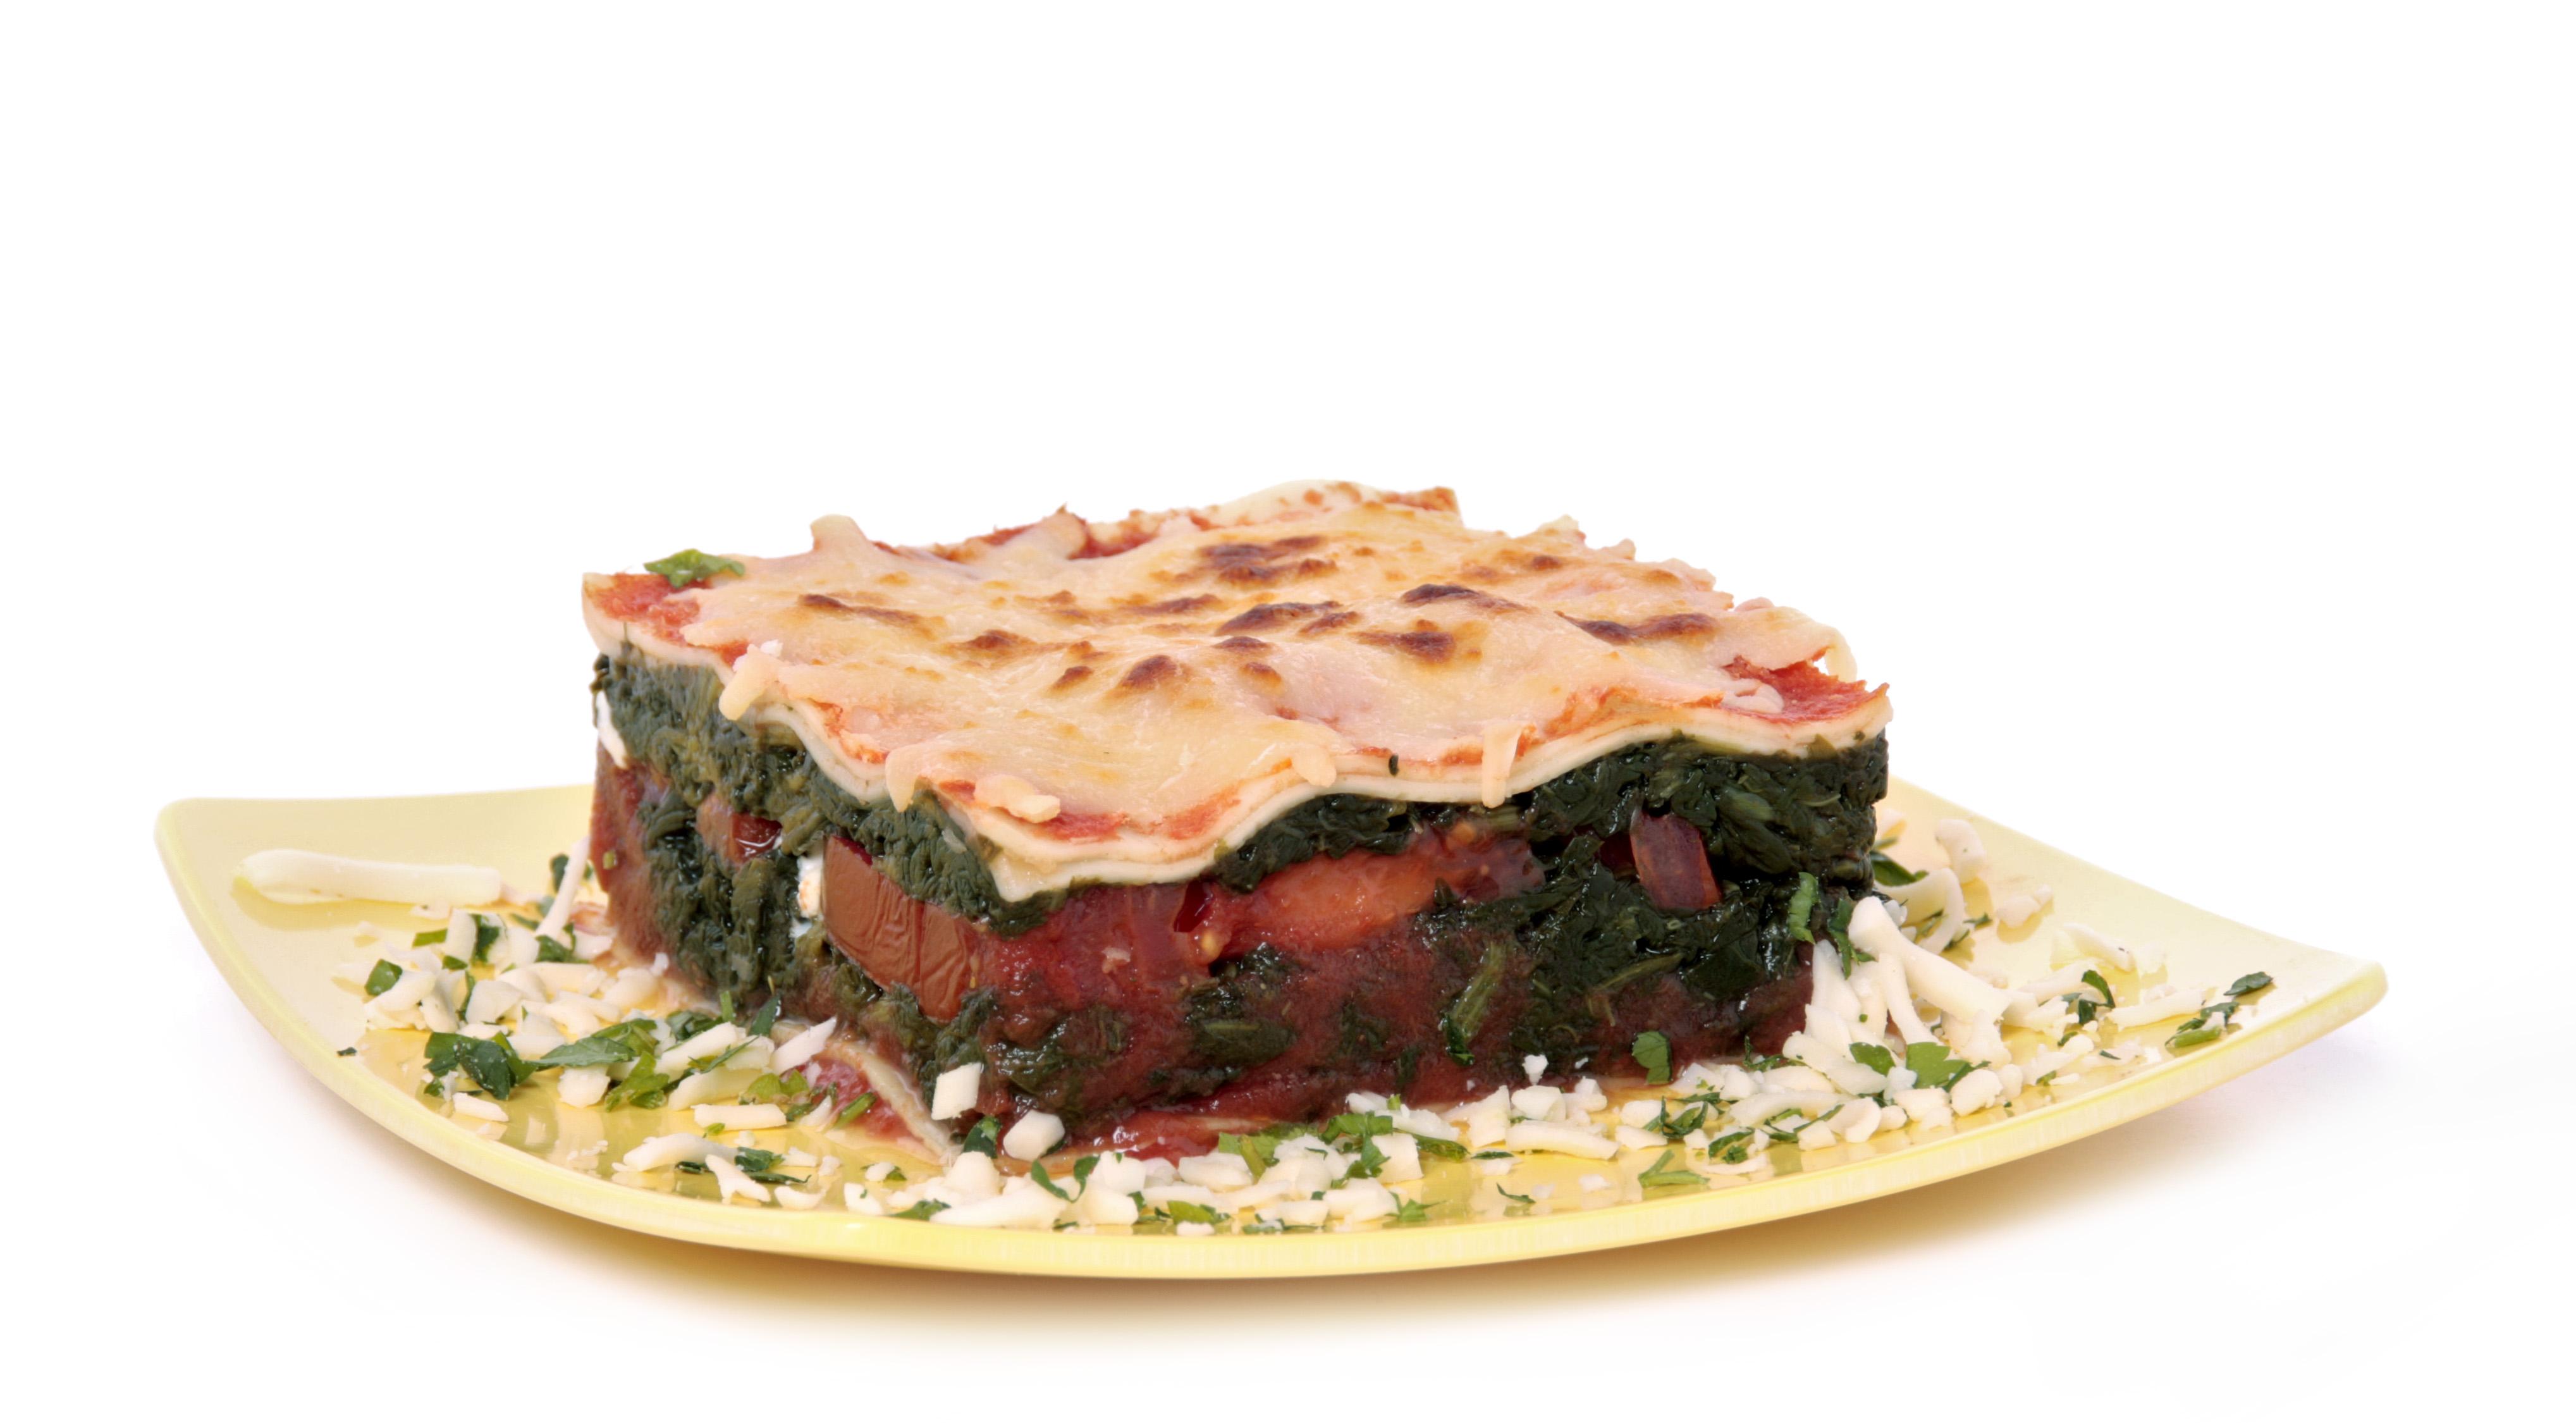 Receta de lasaña de espinacas EROSKI basic